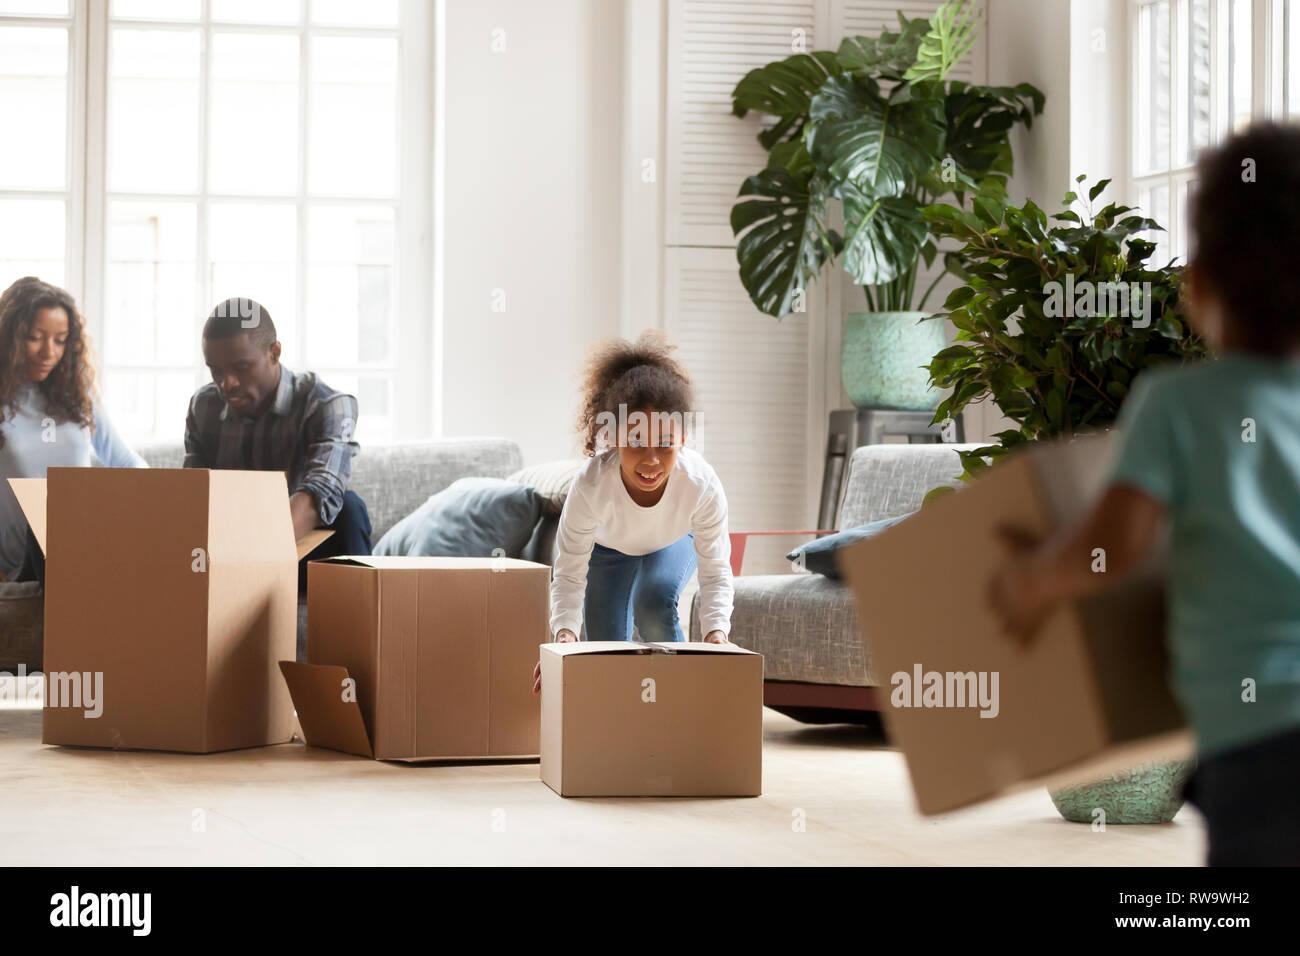 Piccoli fratellini giocare con scatole sul giorno del trasloco Immagini Stock